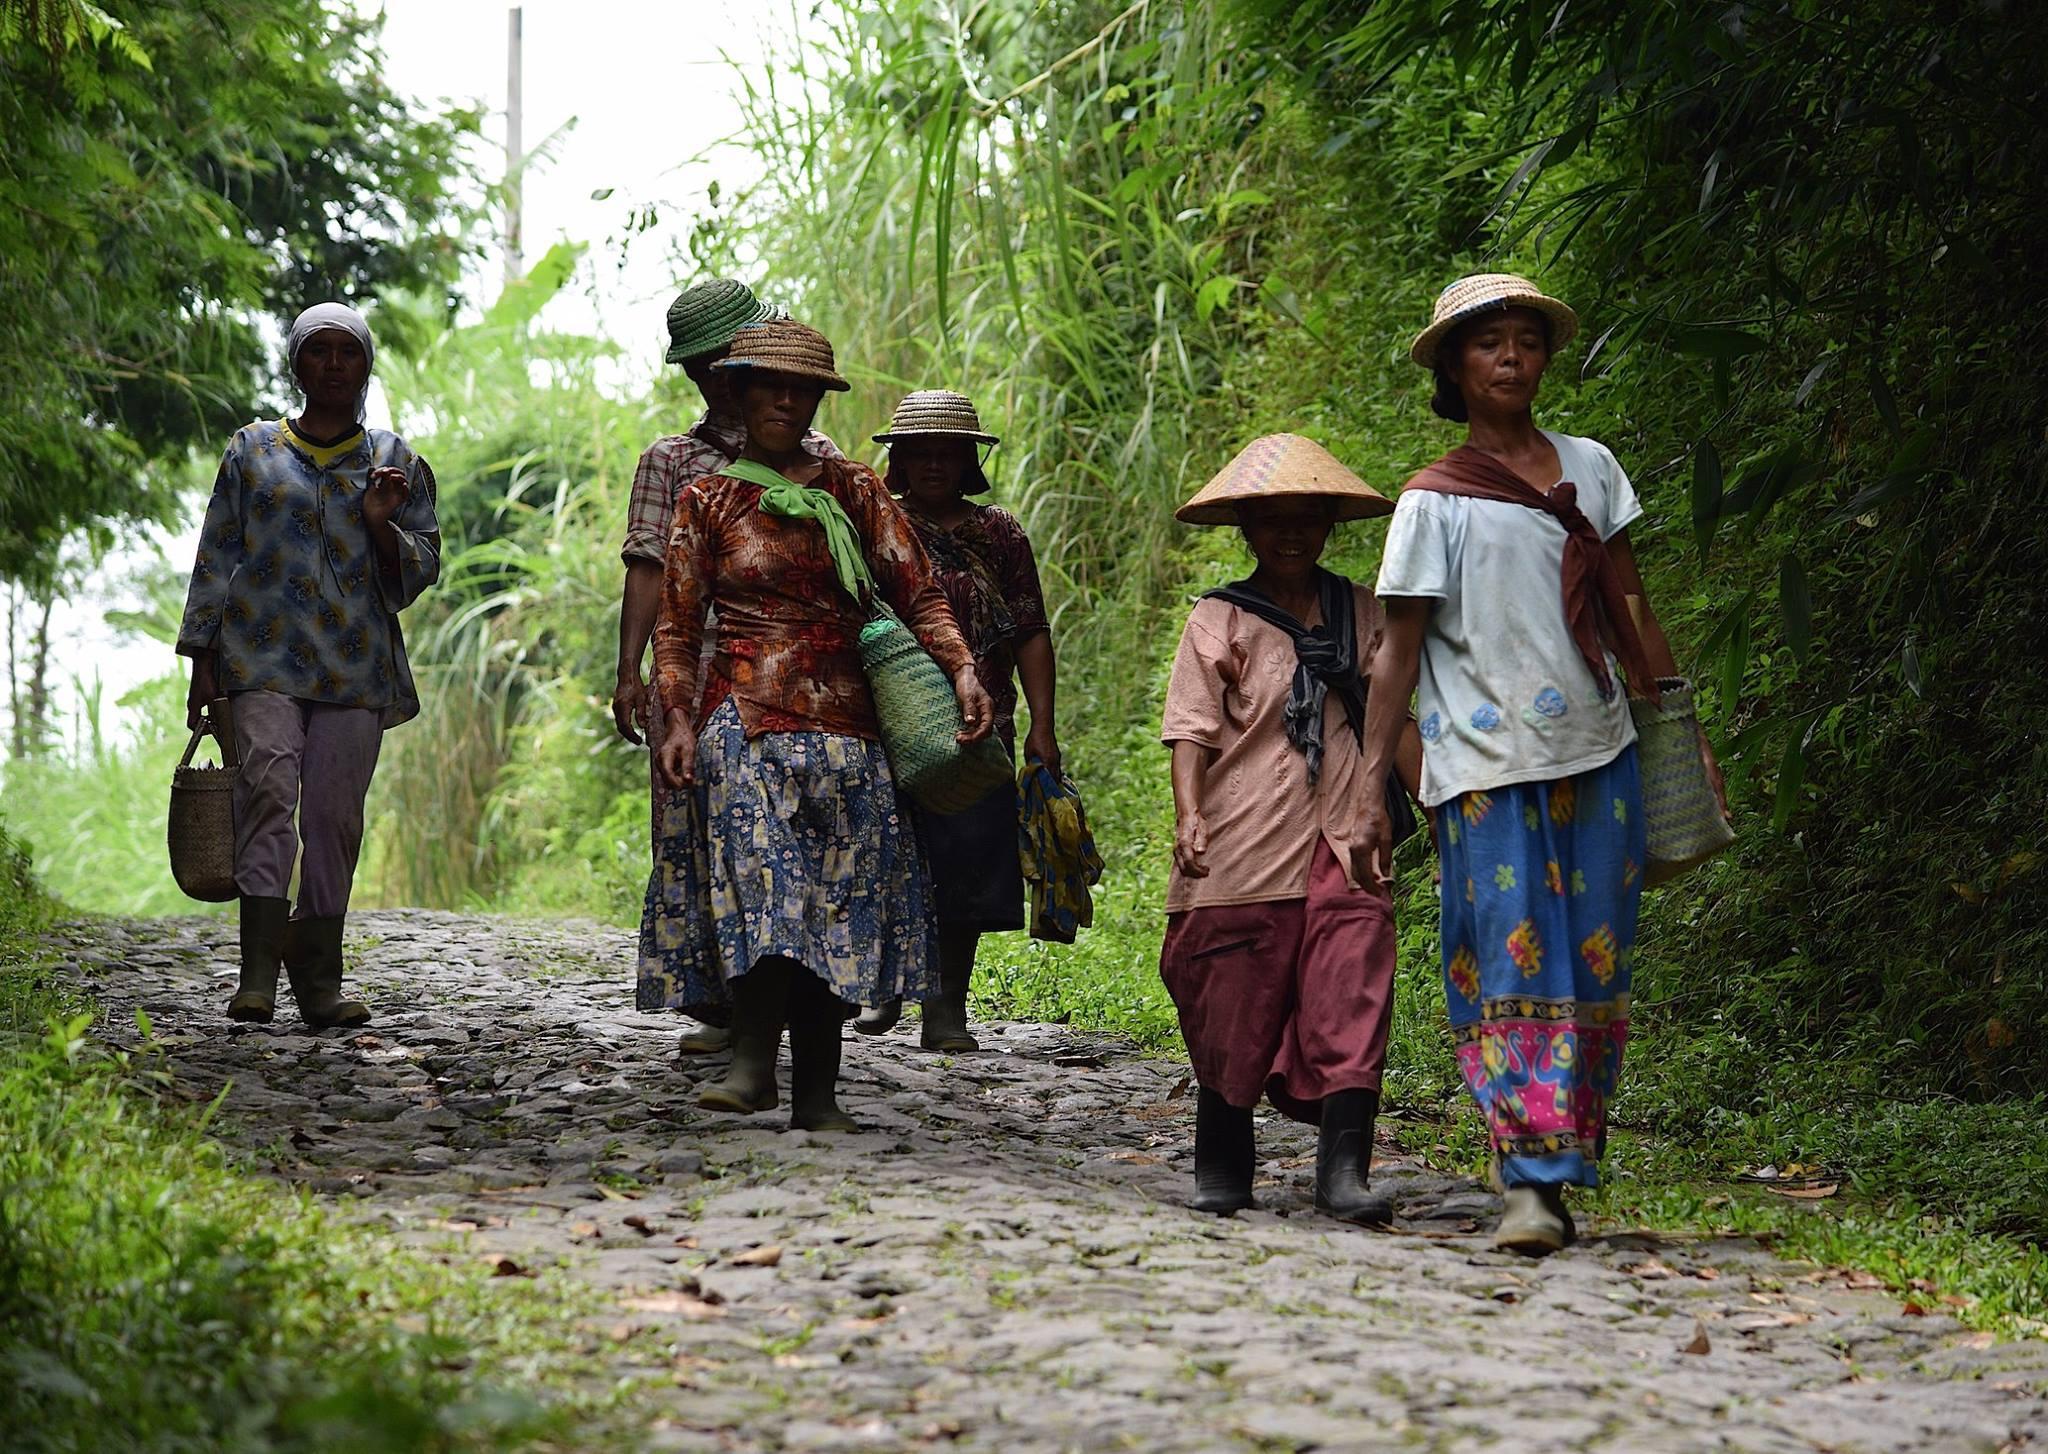 Pulang dari ladang / Coming home from the farm